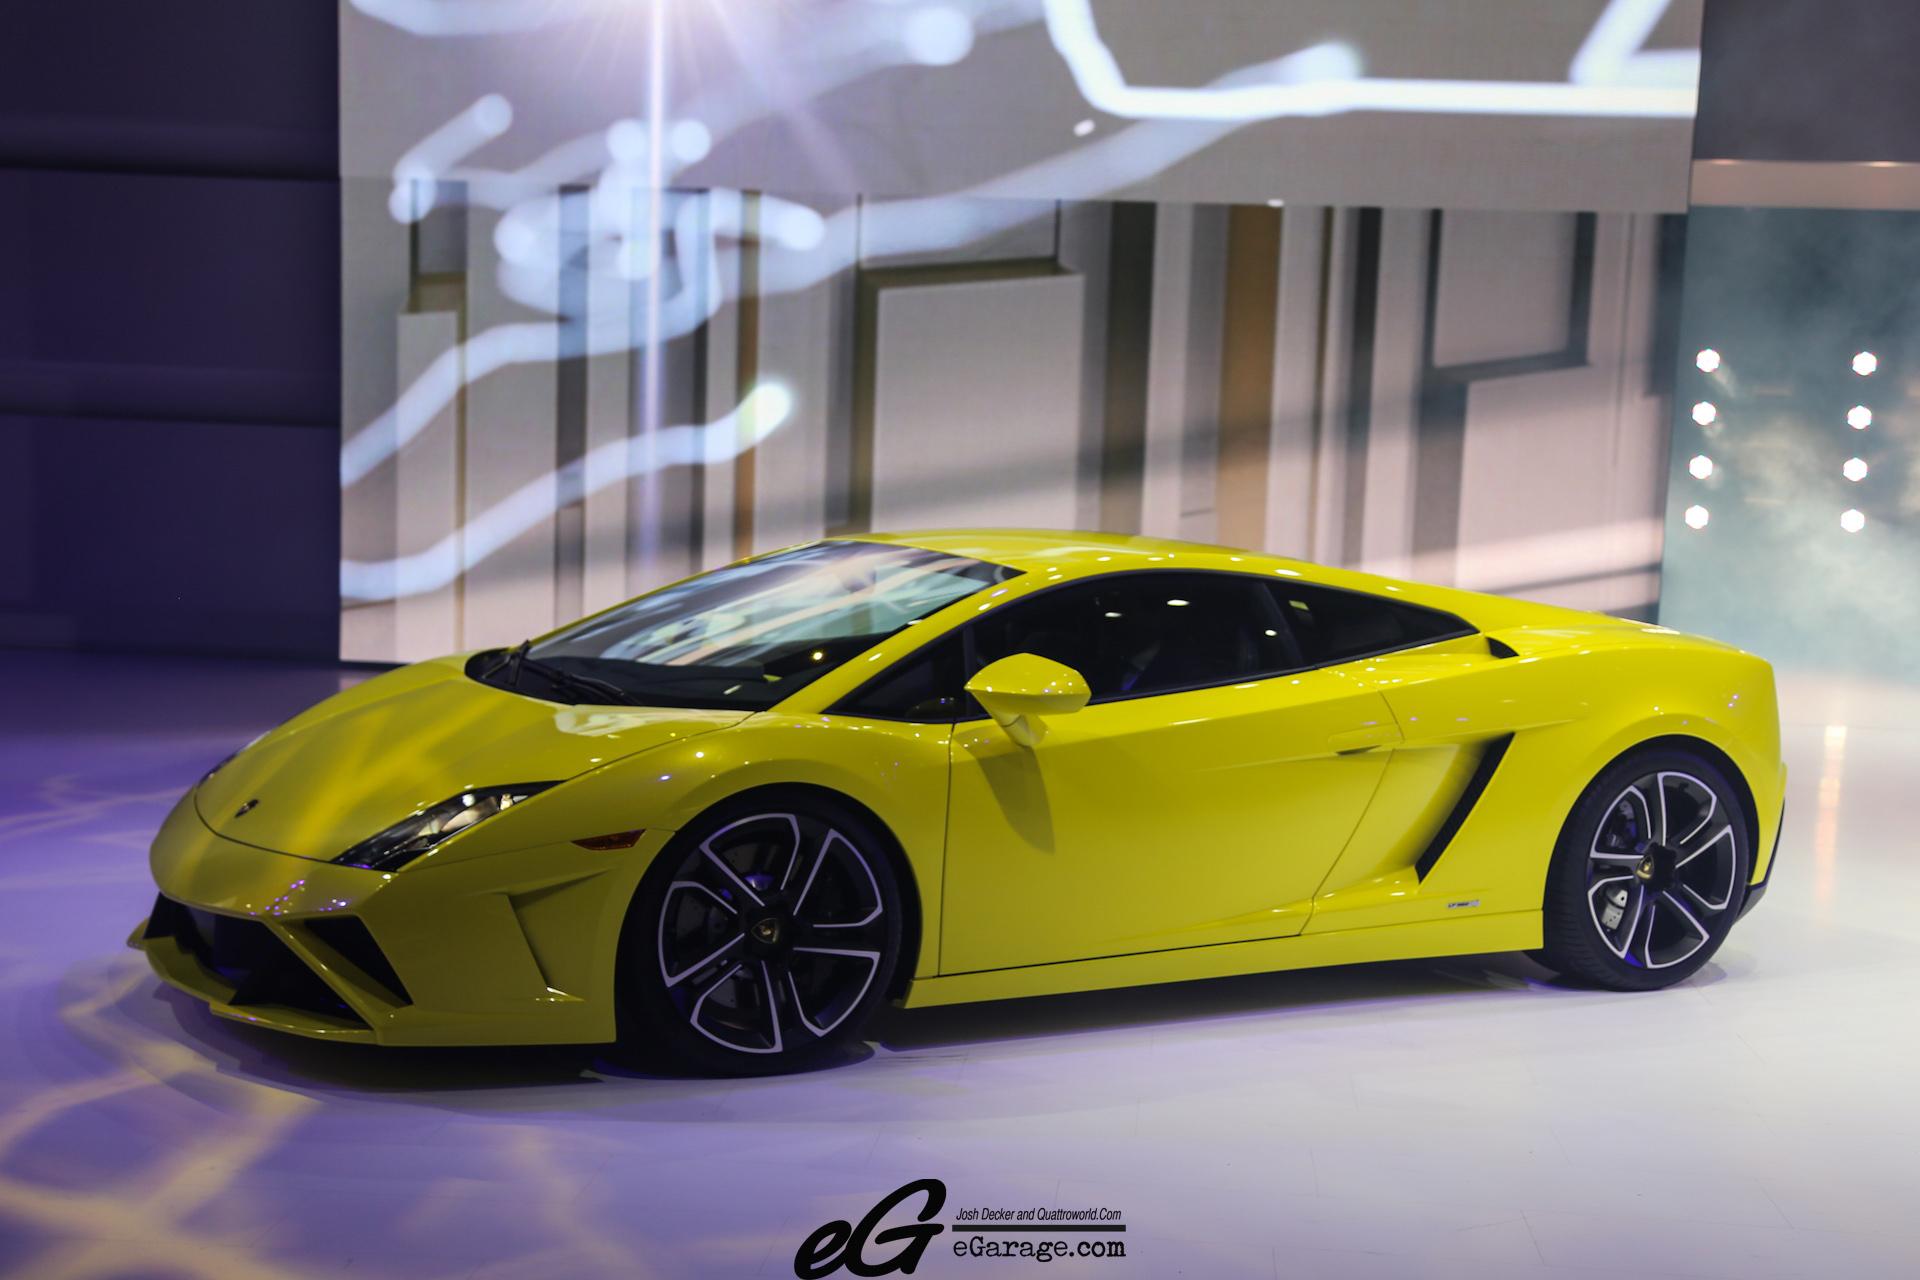 8030383542 87abb7aae0 o 2012 Paris Motor Show